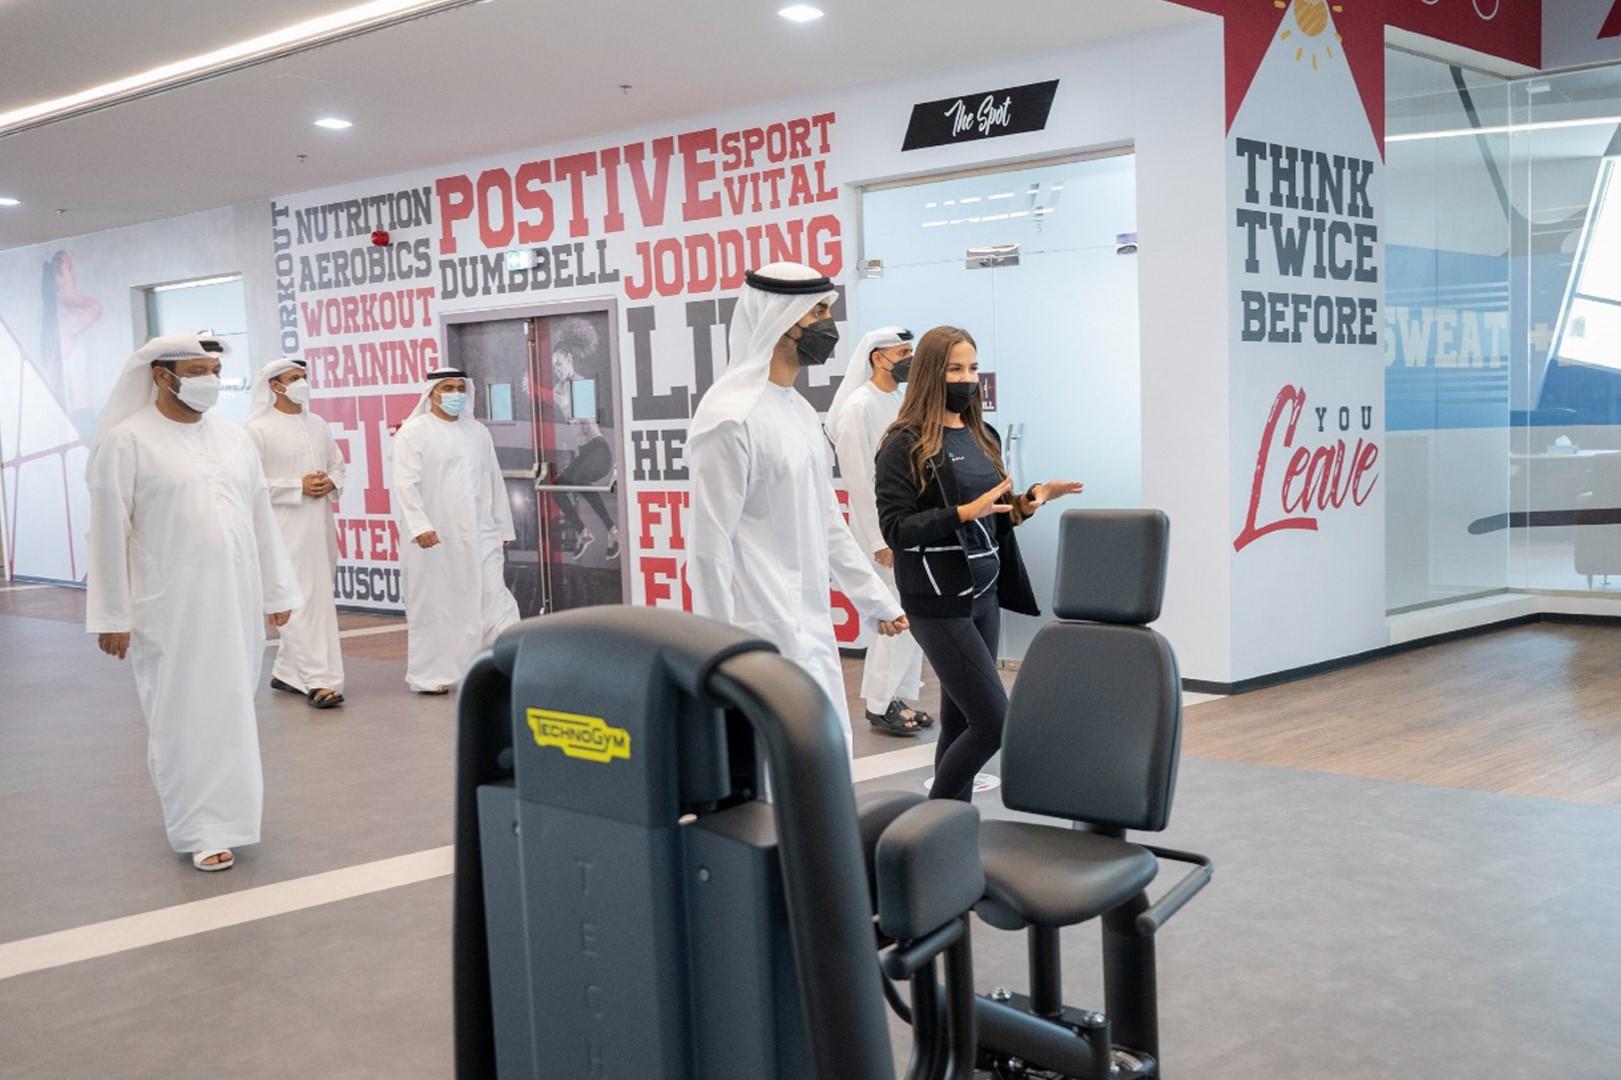 حمدان بن محمد بن زايد يفتتح أكبر صالة رياضية في أبوظبي